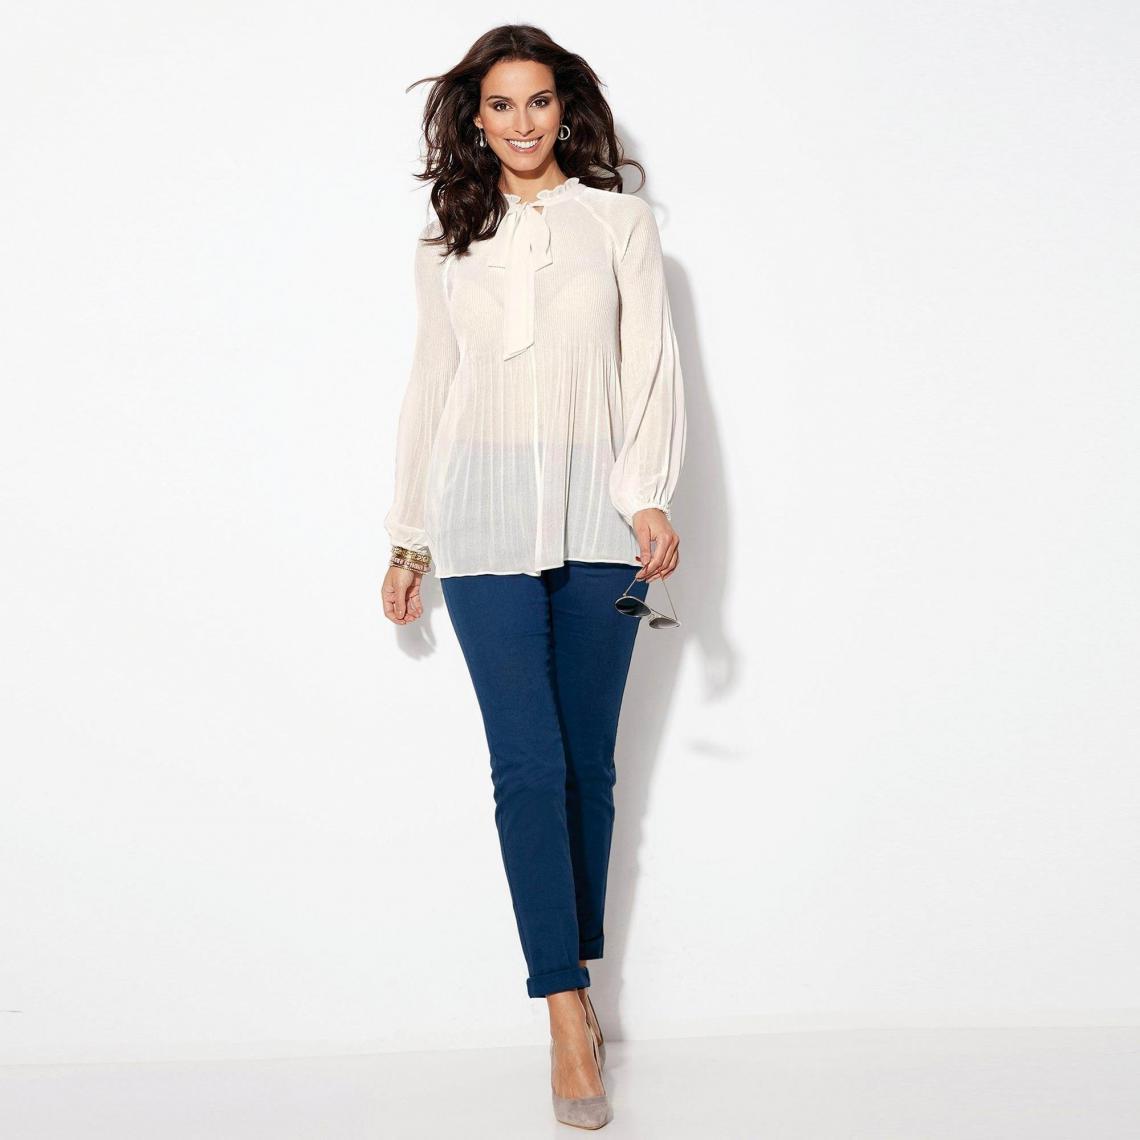 Pantalon élastique taille haute 5 poches - Noir - 3 SUISSES - Modalova